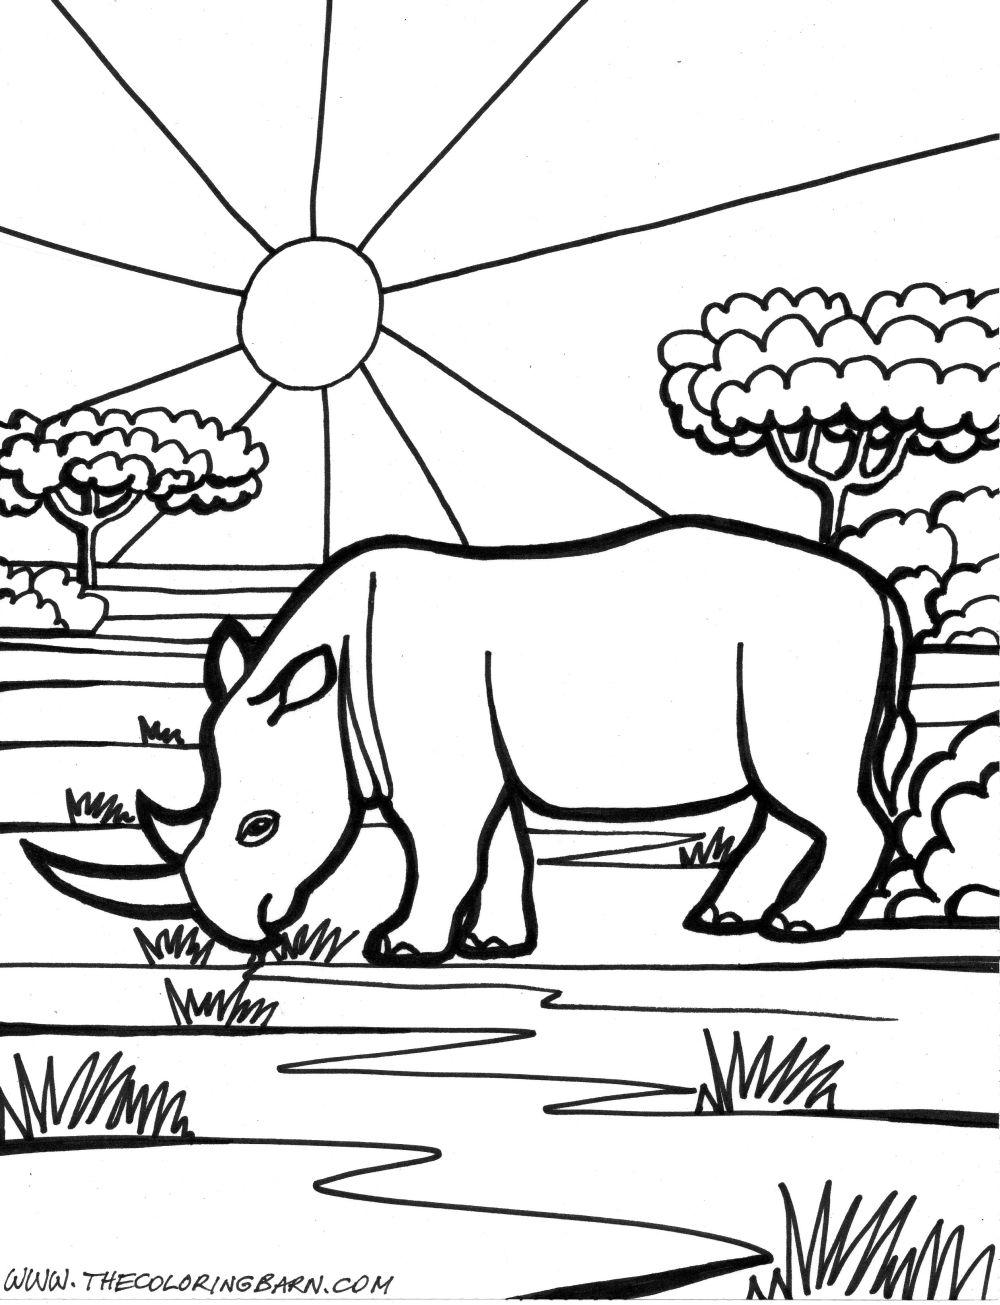 Dibujos de rinocerontes » RINOCERONTEPEDIA